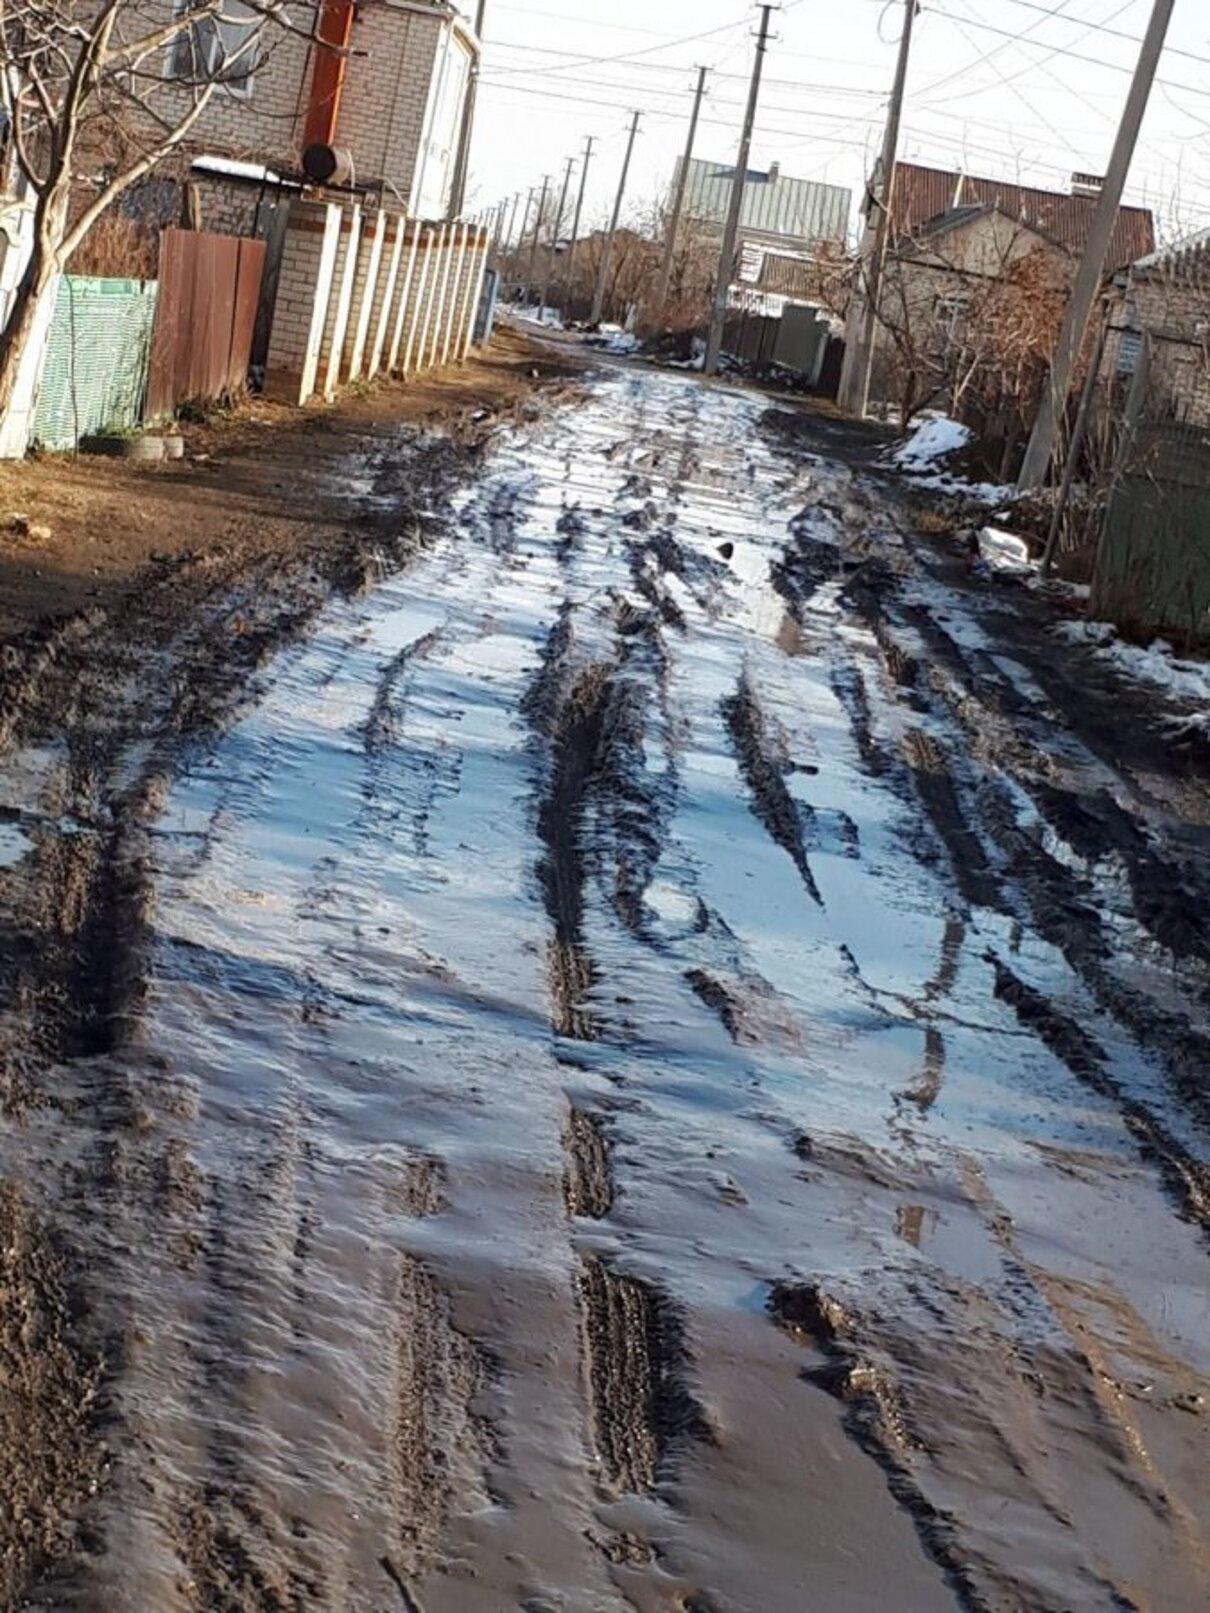 Жалоба-отзыв: Администрация - Улица Чкалова в ужасном состоянии